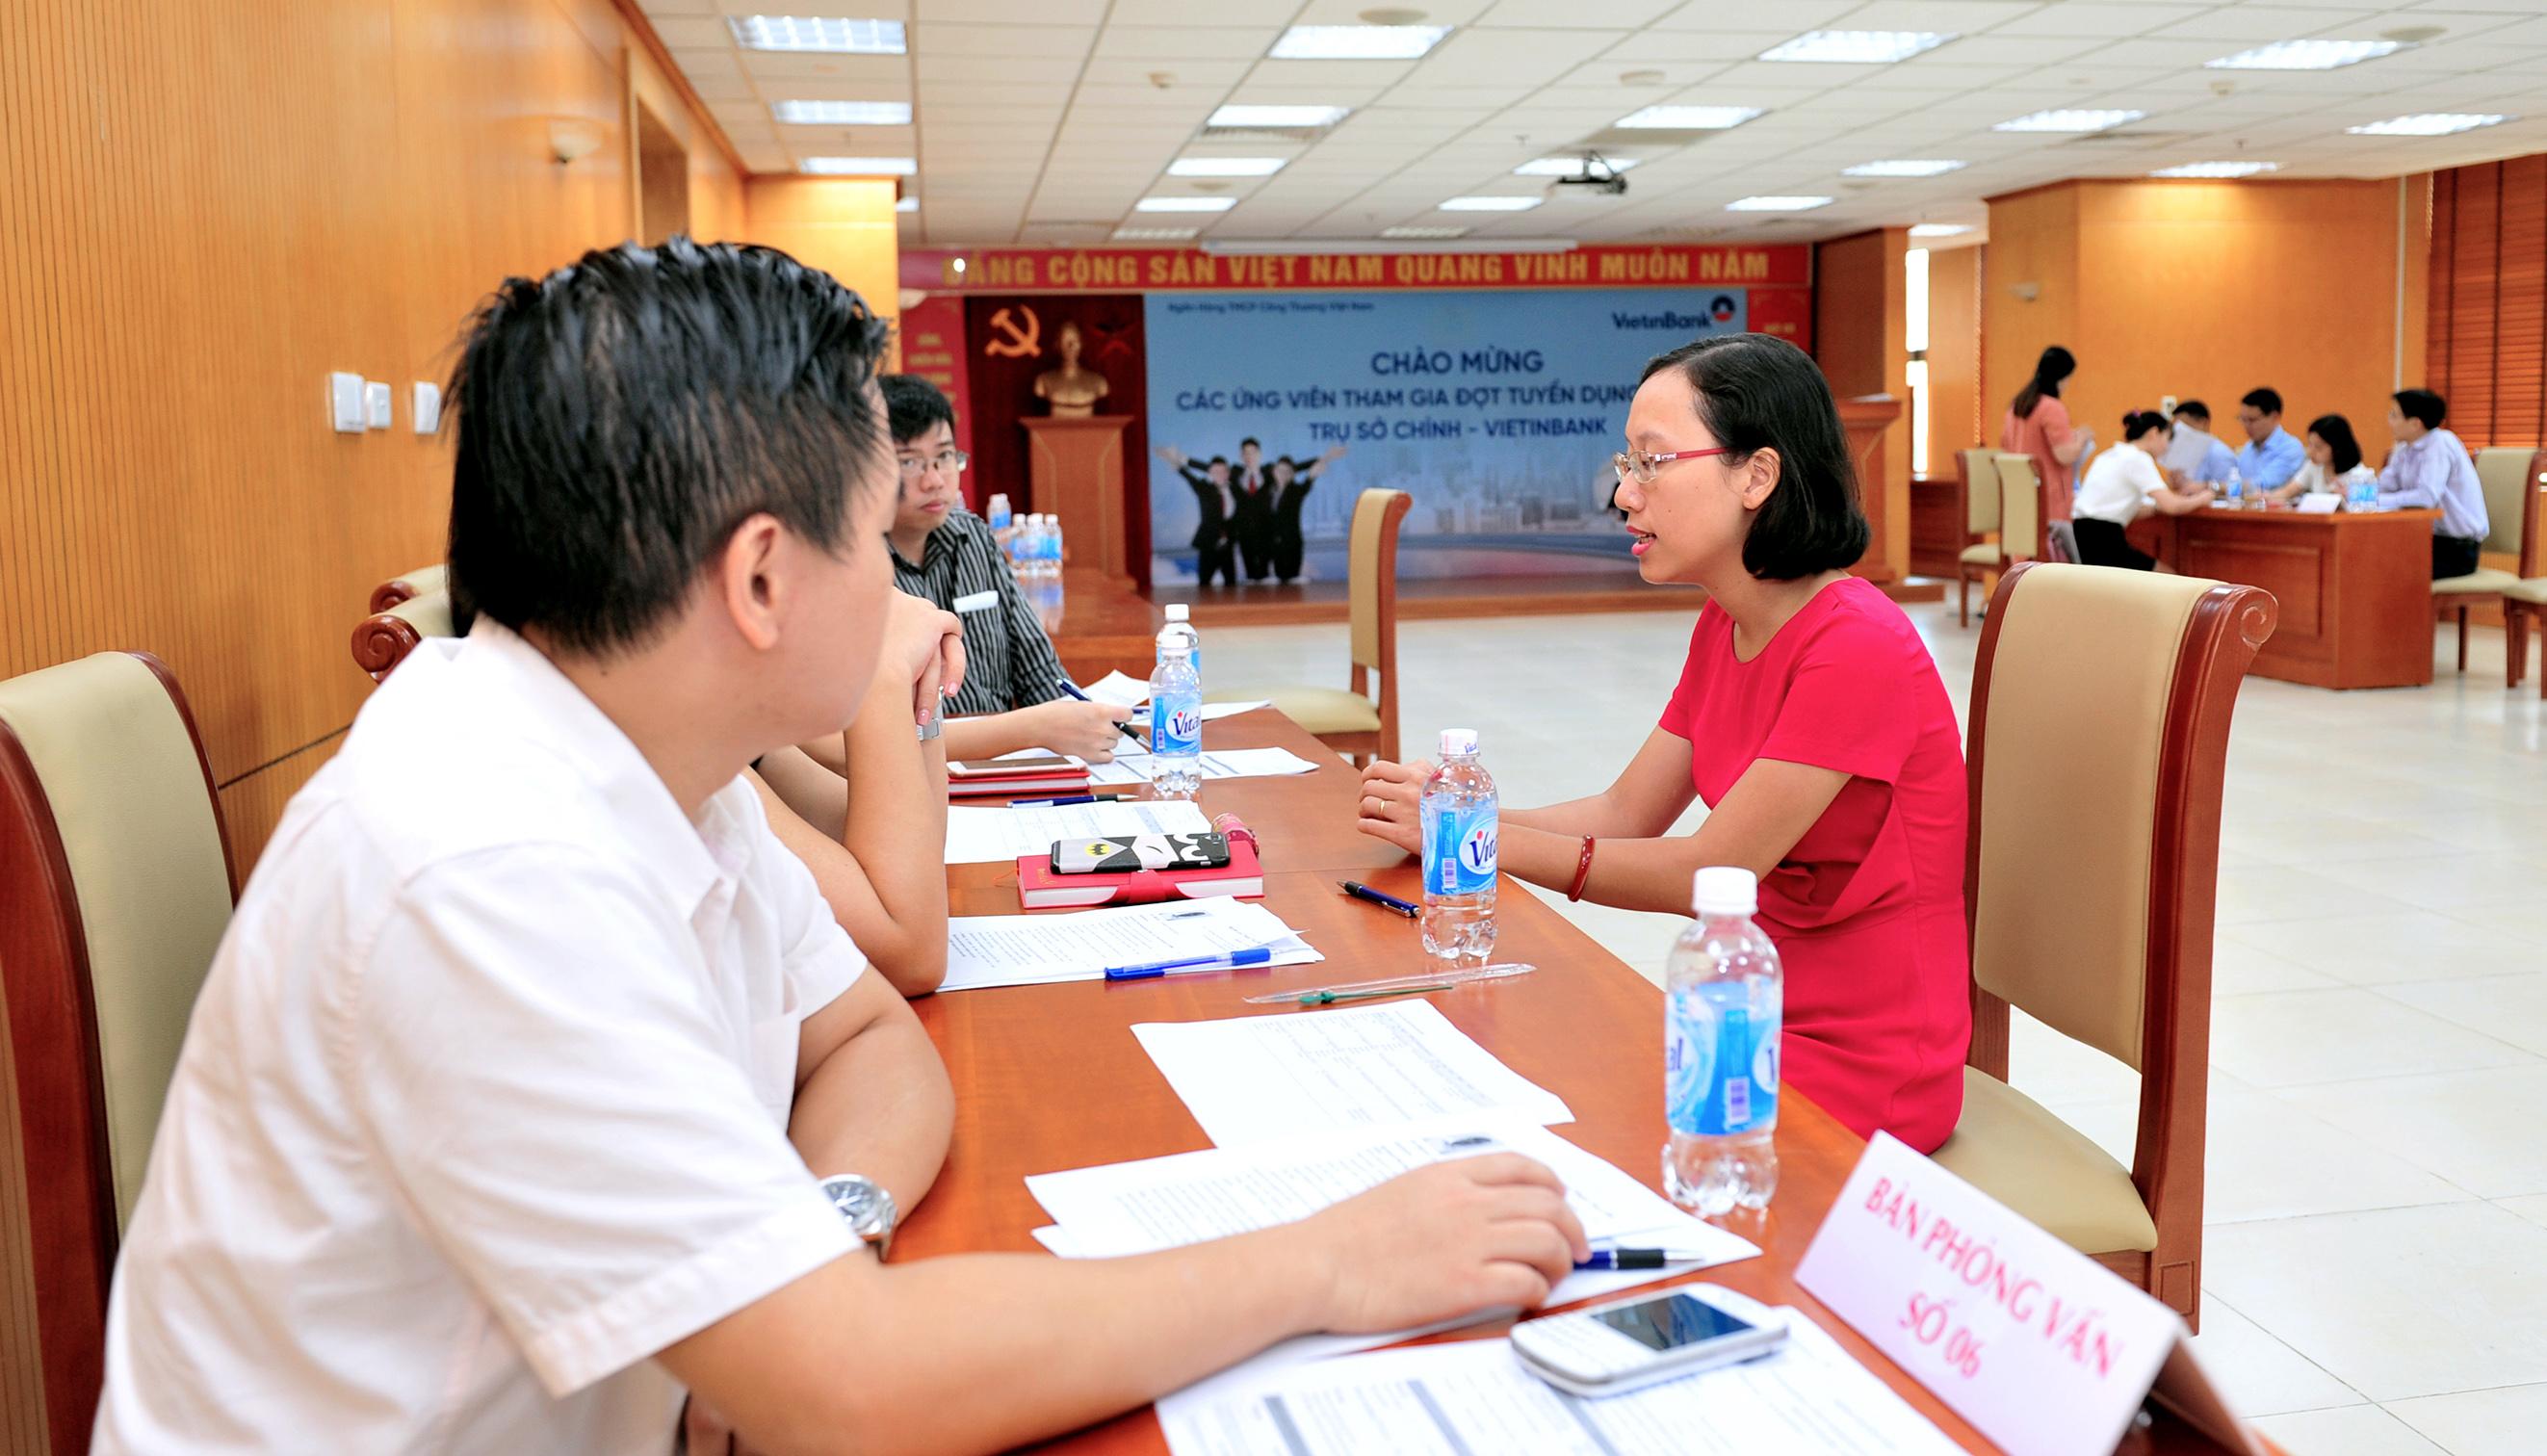 Phỏng vấn tuyển dụng các ứng viên tại VietinBank.